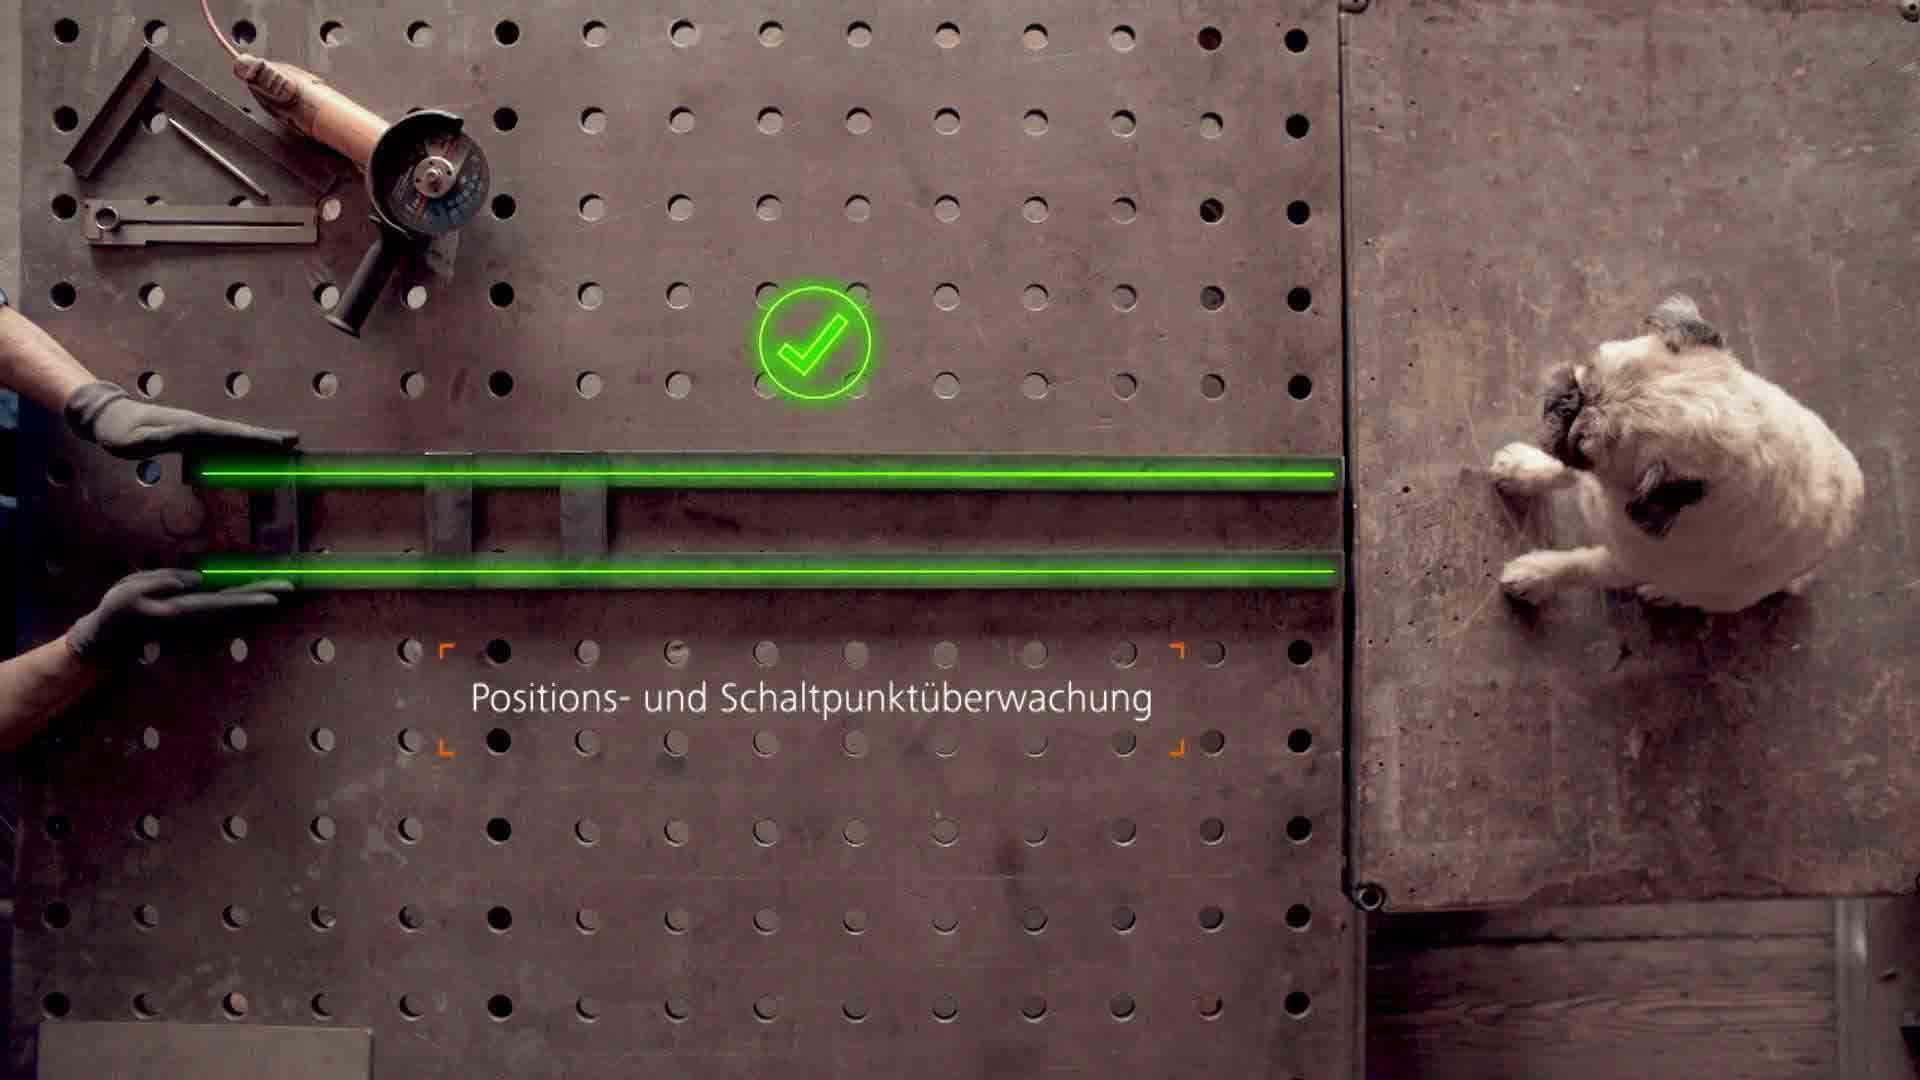 Das Bild zeigt eine Werkzeugbank von oben. Auf ihr sitzt ein Hund der Rasse Mops. Vor ihm liegen zwei Eisenstangen und eine Winkelmaschine die von zwei Händen positioniert werden. Die Eisenstangen werden durch eine animation grün markiert. Über beiden Stangen ist ein kleiner Haken zu sehen. Unterhalb ist ein animierter Text eingebettet. Das Bild dient als Sliderbild für den Portfolioeintrag ifm Positionssensor von Panda Pictures.